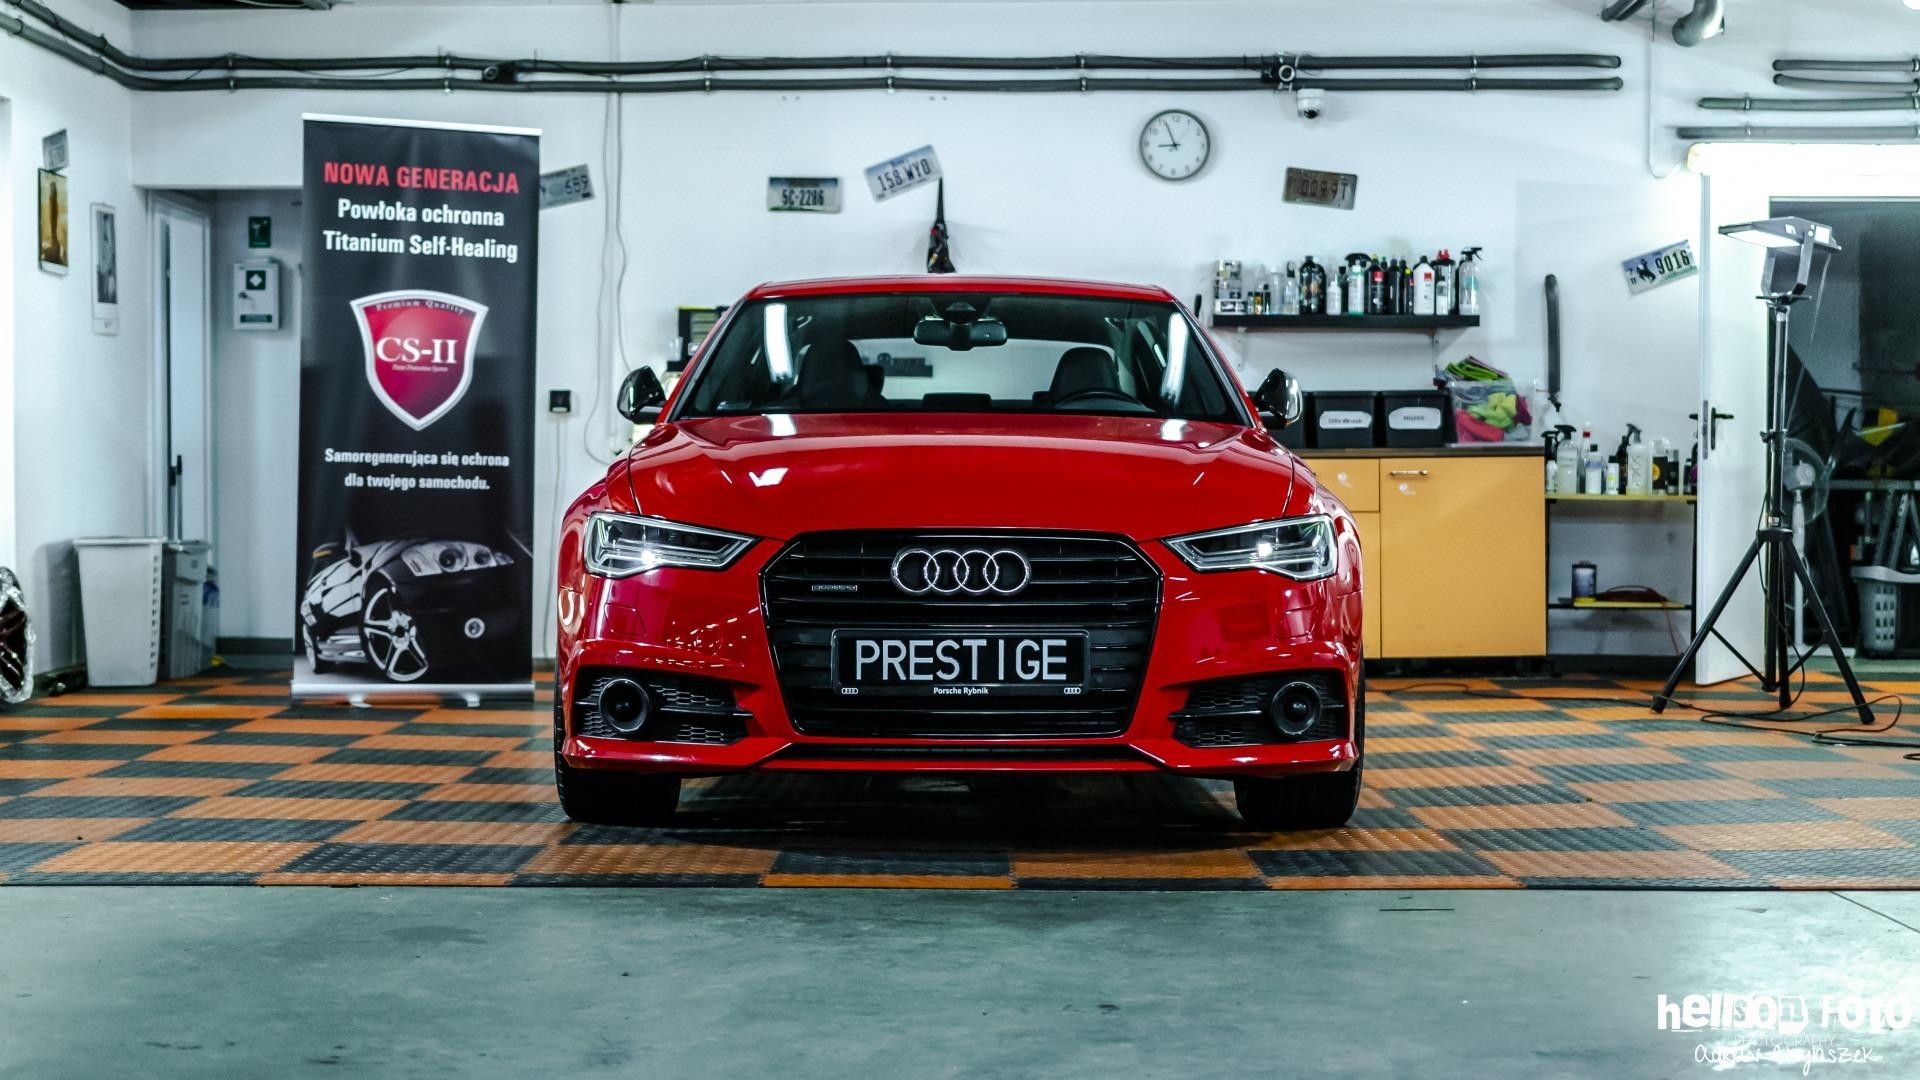 Audi A6 S-line detailing